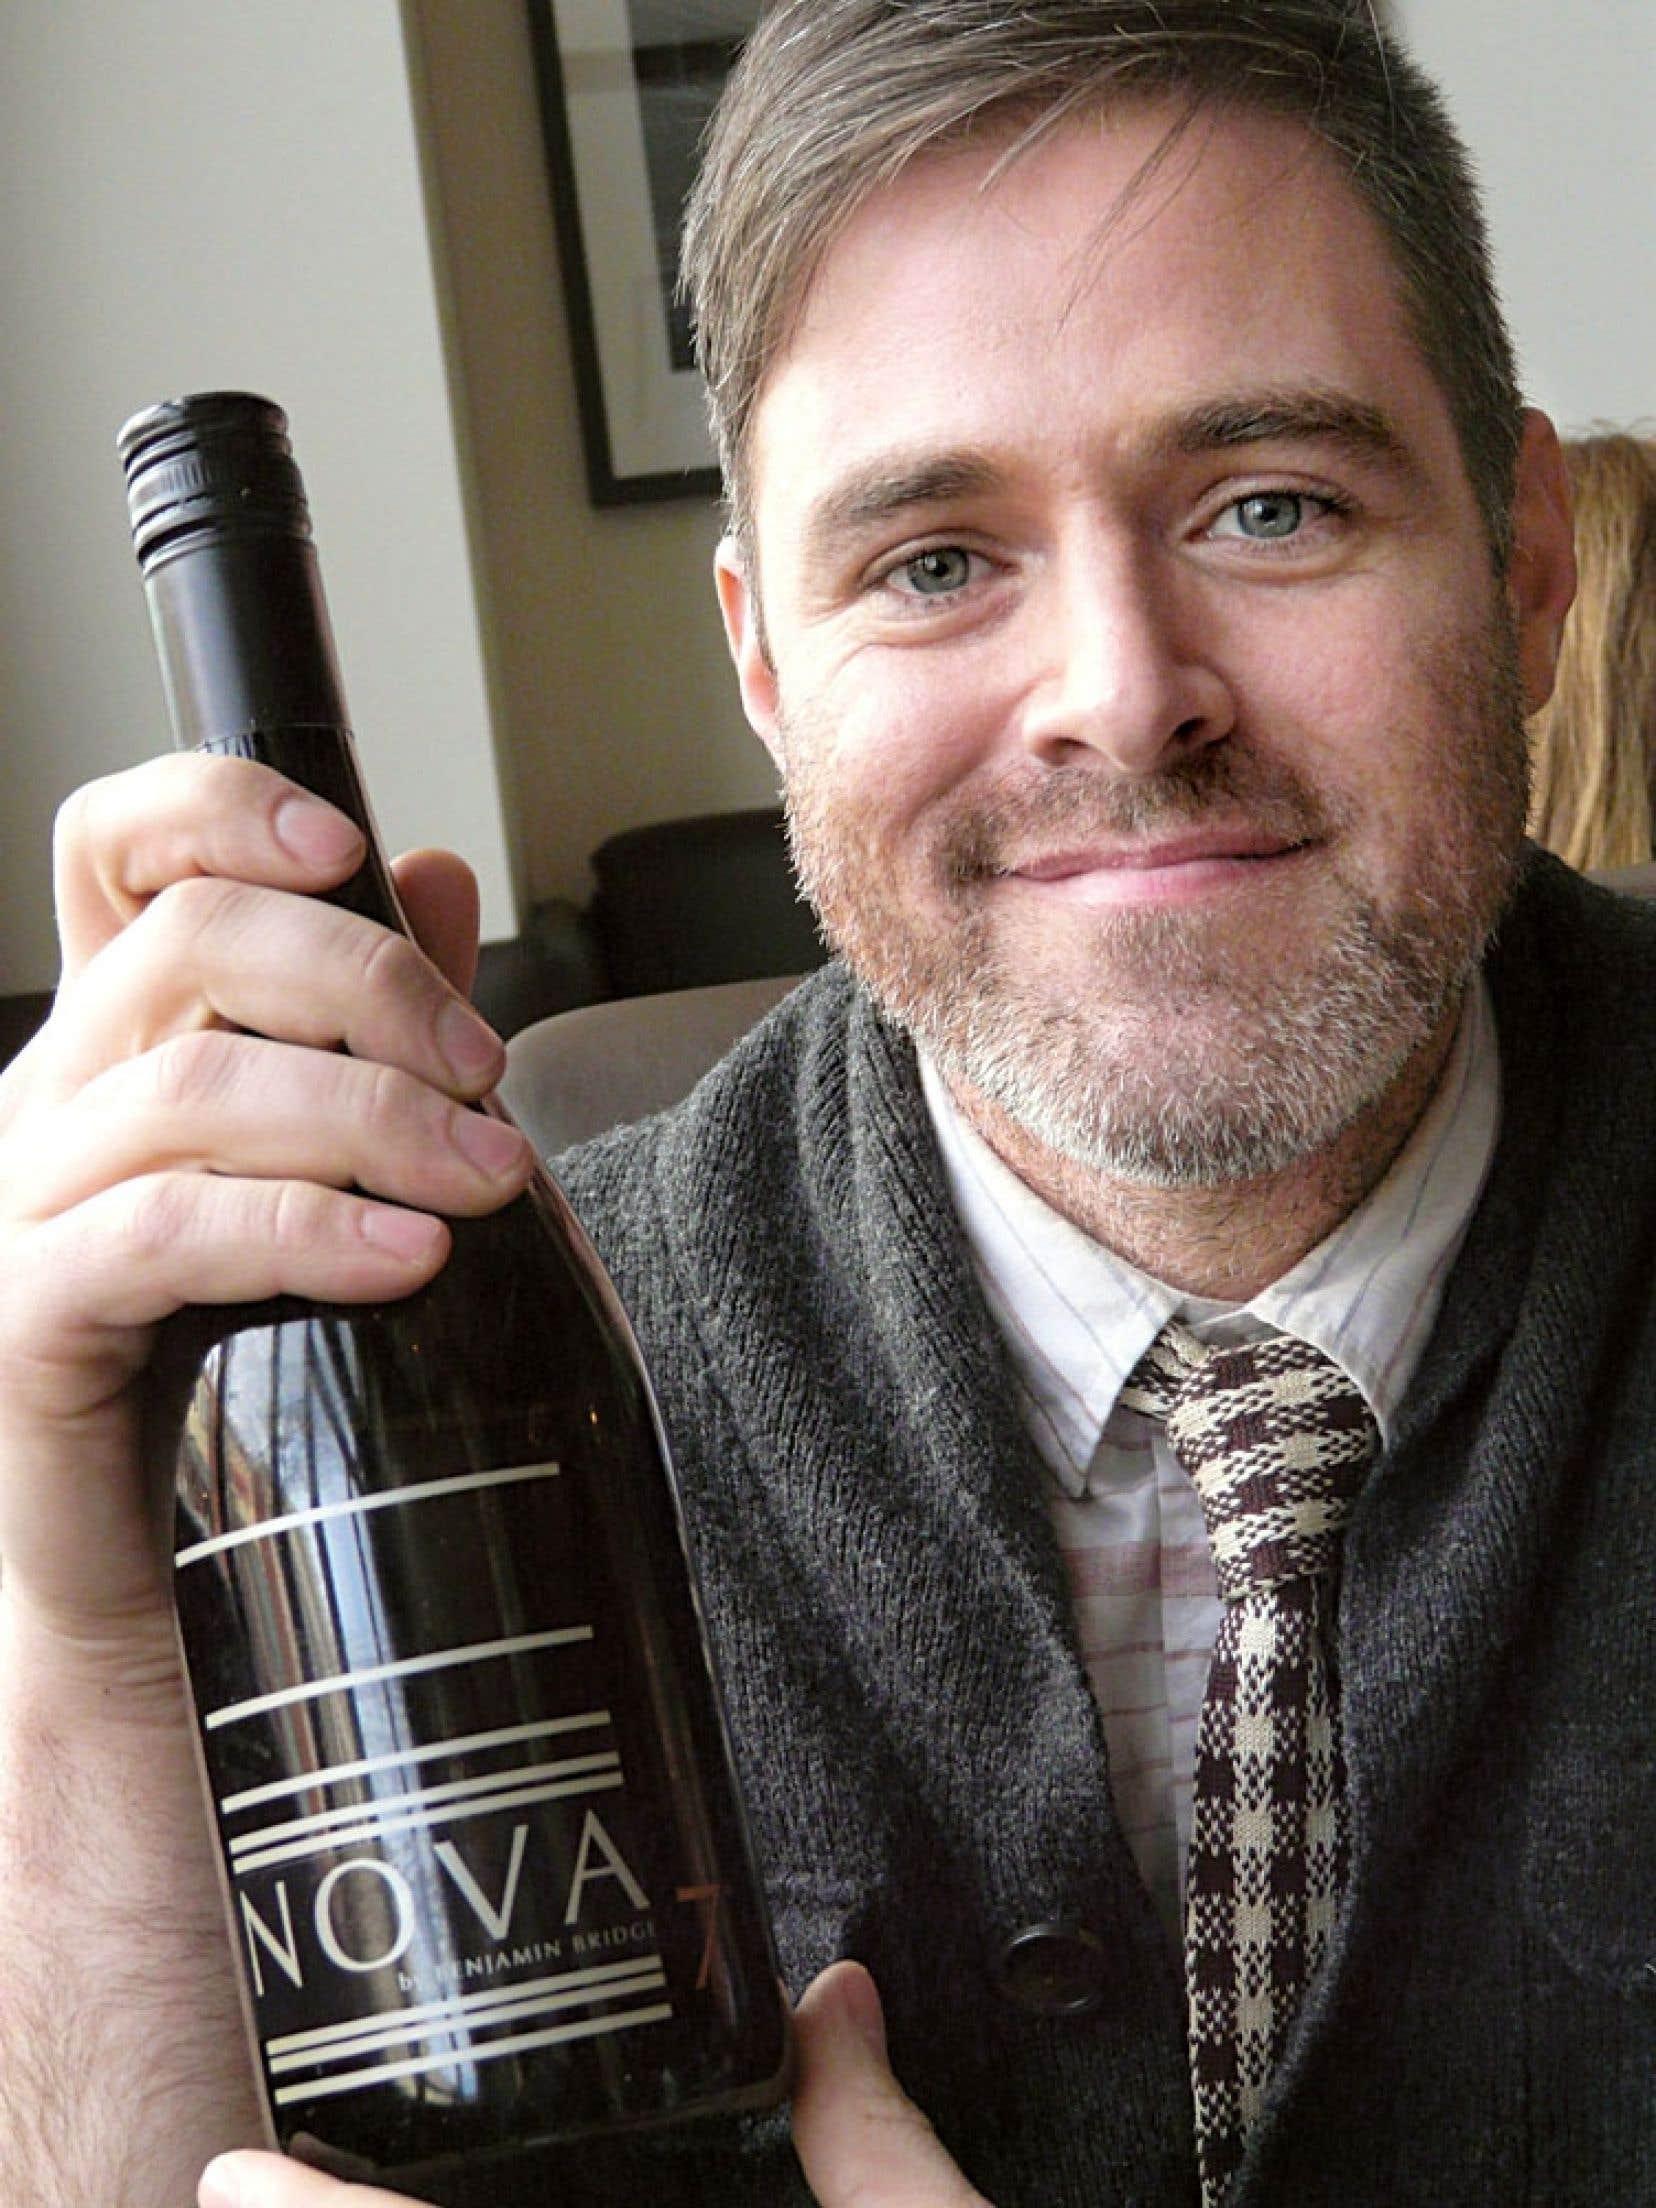 Jean-Benoit Deslauriers, un Québécois qui travaille chez Benjamin Bridge, en Nouvelle-Écosse, avec sa dernière cuvée Nova 7. Une bombe!